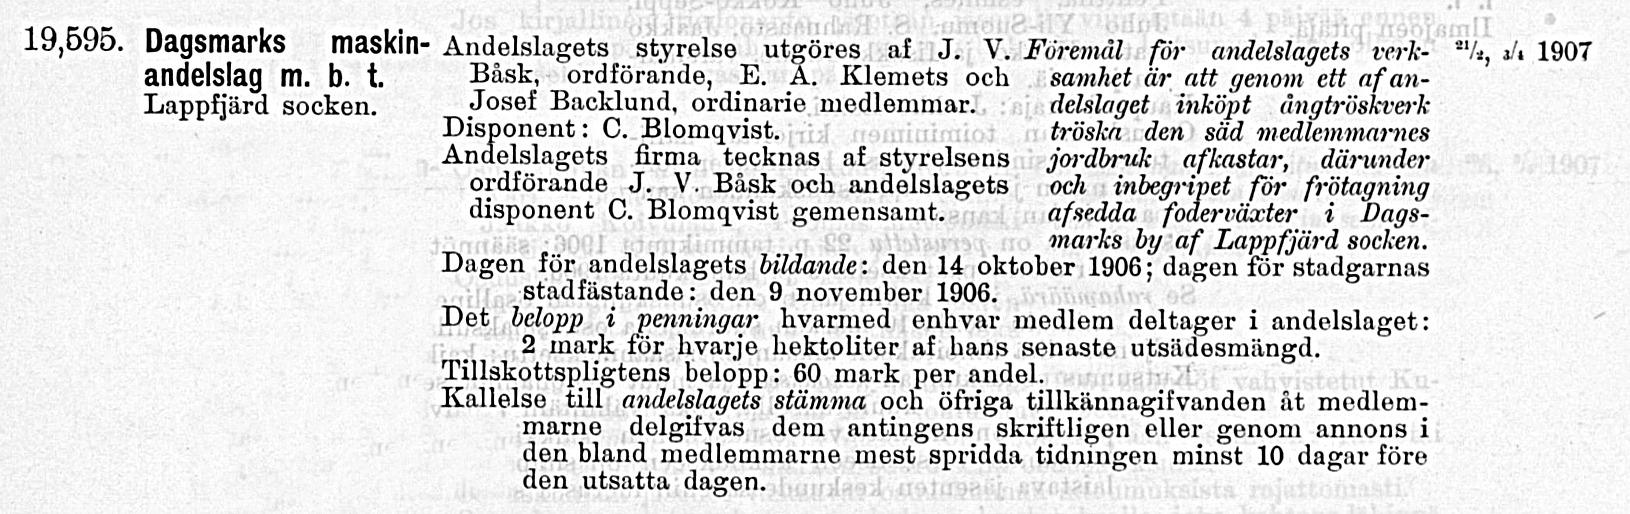 Den 3 april 1907 infördes Dagsmark maskinandelslag i handelsregistret och det kungjordes i Registreringstidningen på detta vis.